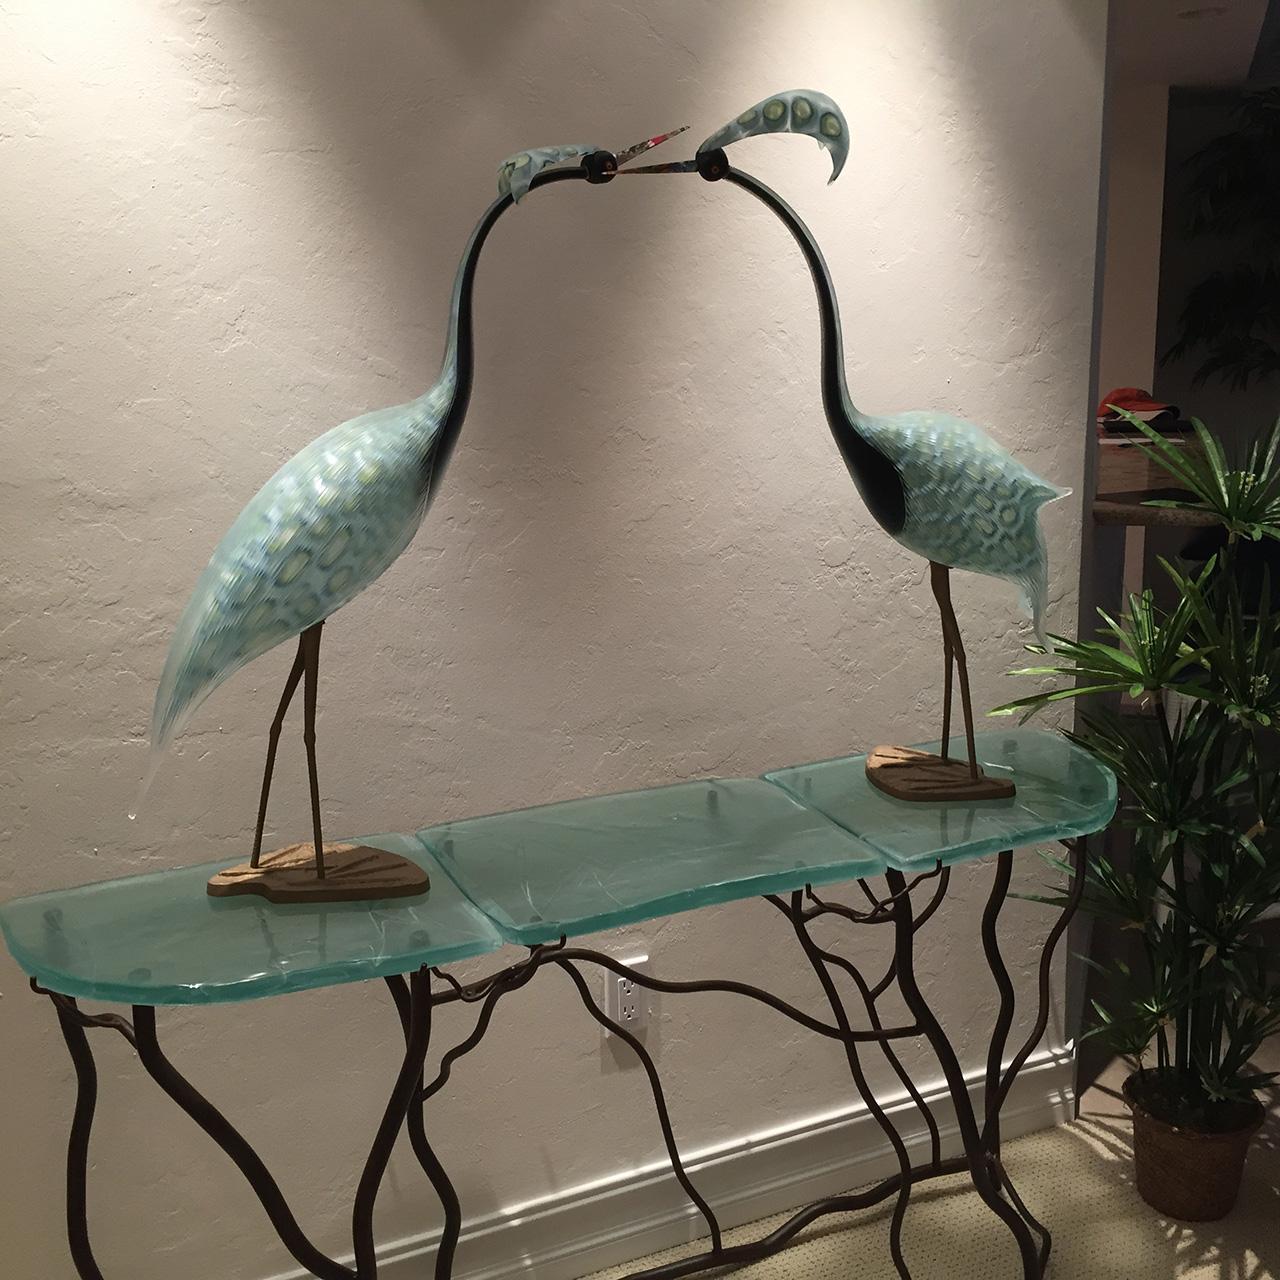 scultura-vetro-murano-venezia-schiavon